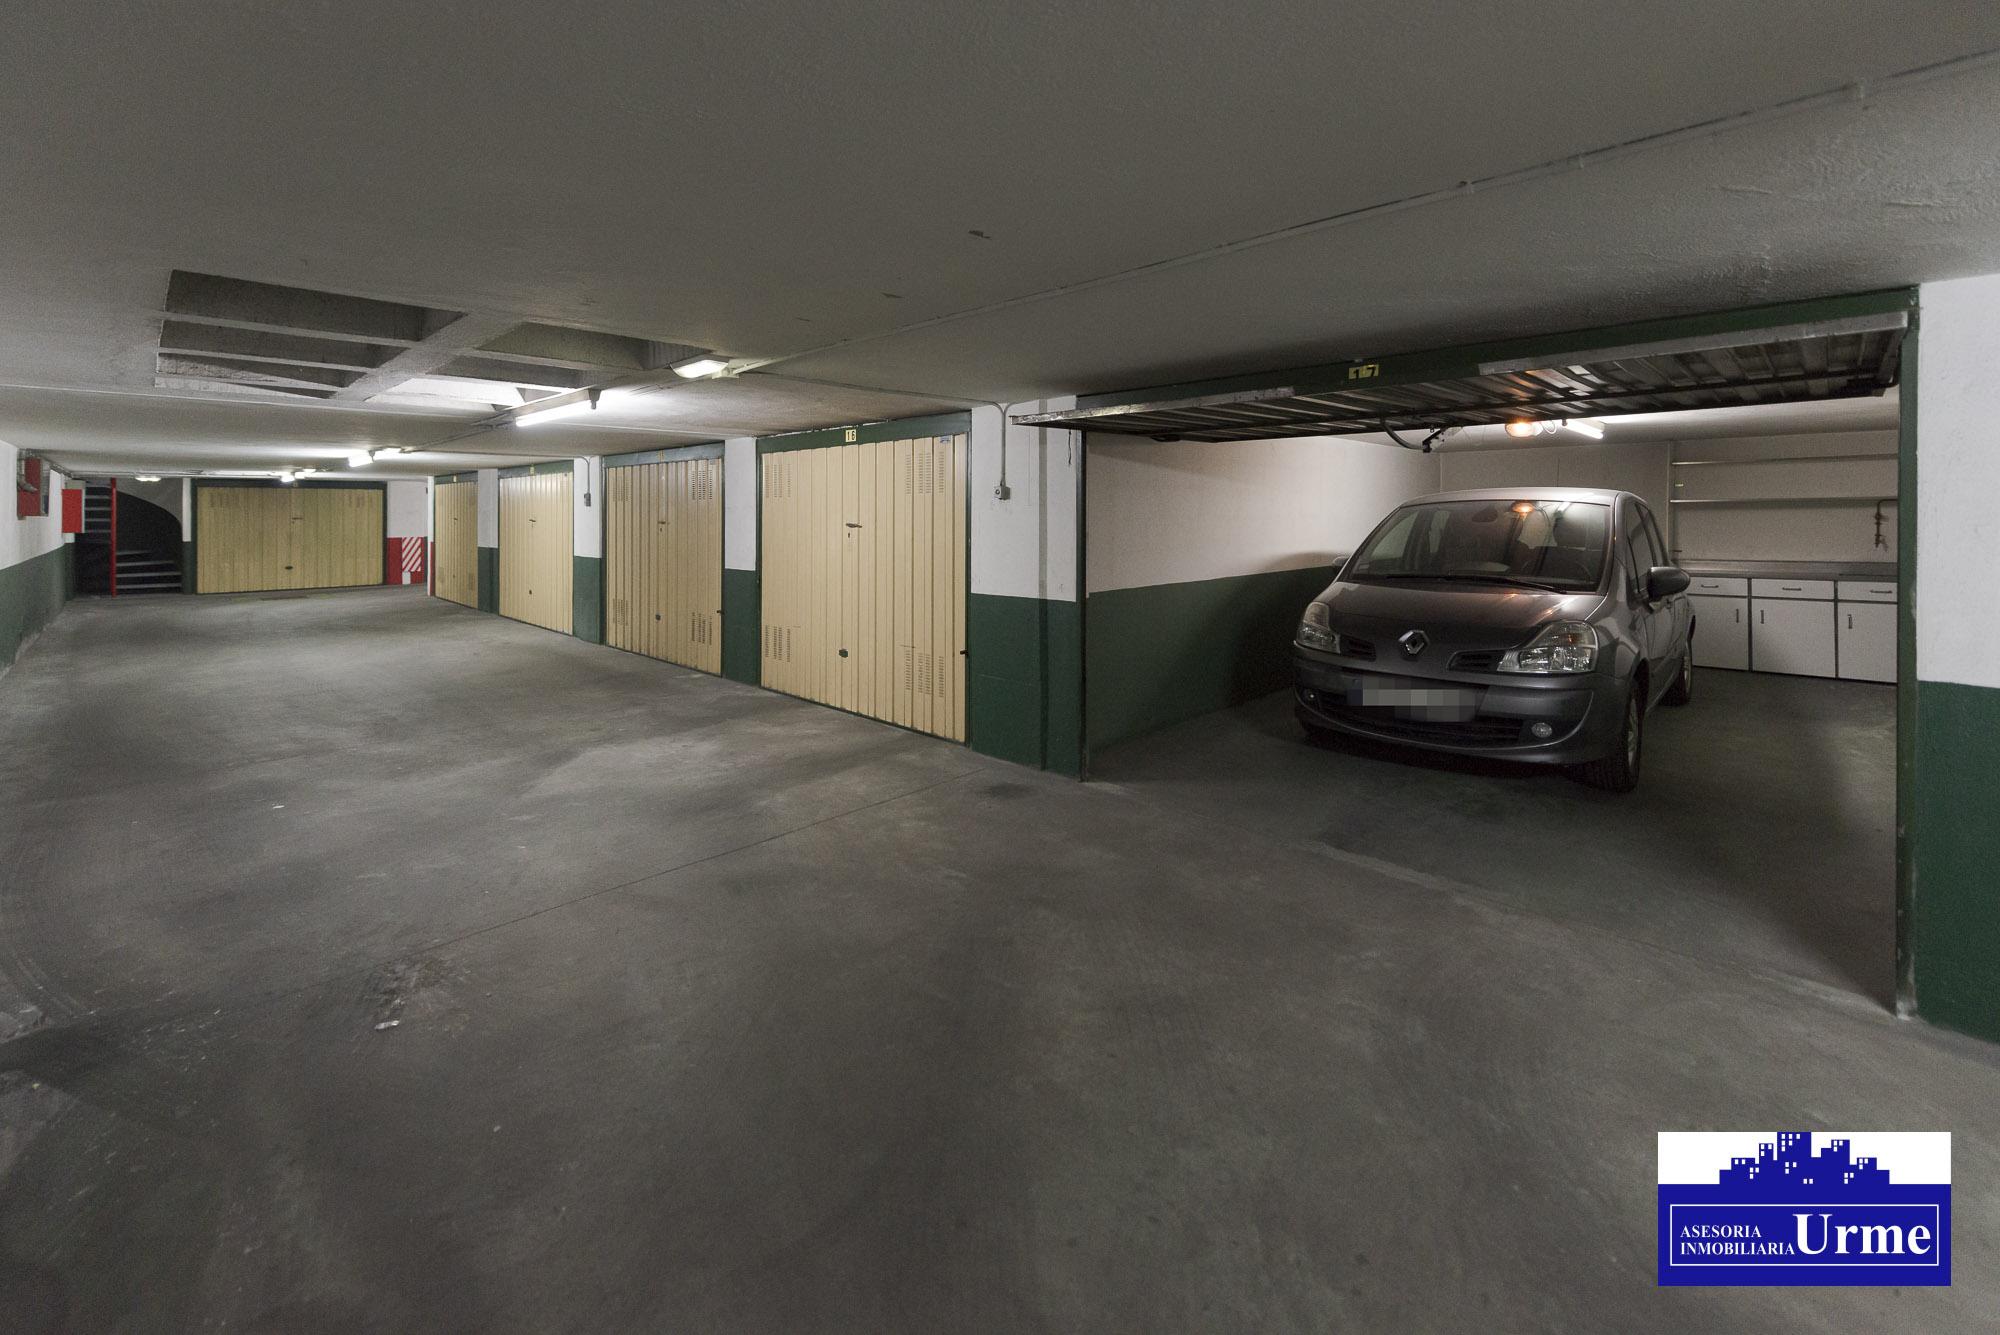 Paseo de Colon, junto Mendibil,pisazo de 122m2útiles, amplitud y confort.3/4 habitaciones,2 baños+1 aseo, salon de 28m2, cocina equipada. trastero de  9 m2 bicicletero,espacio motos,garaje opcional.Informate rapidamente:)